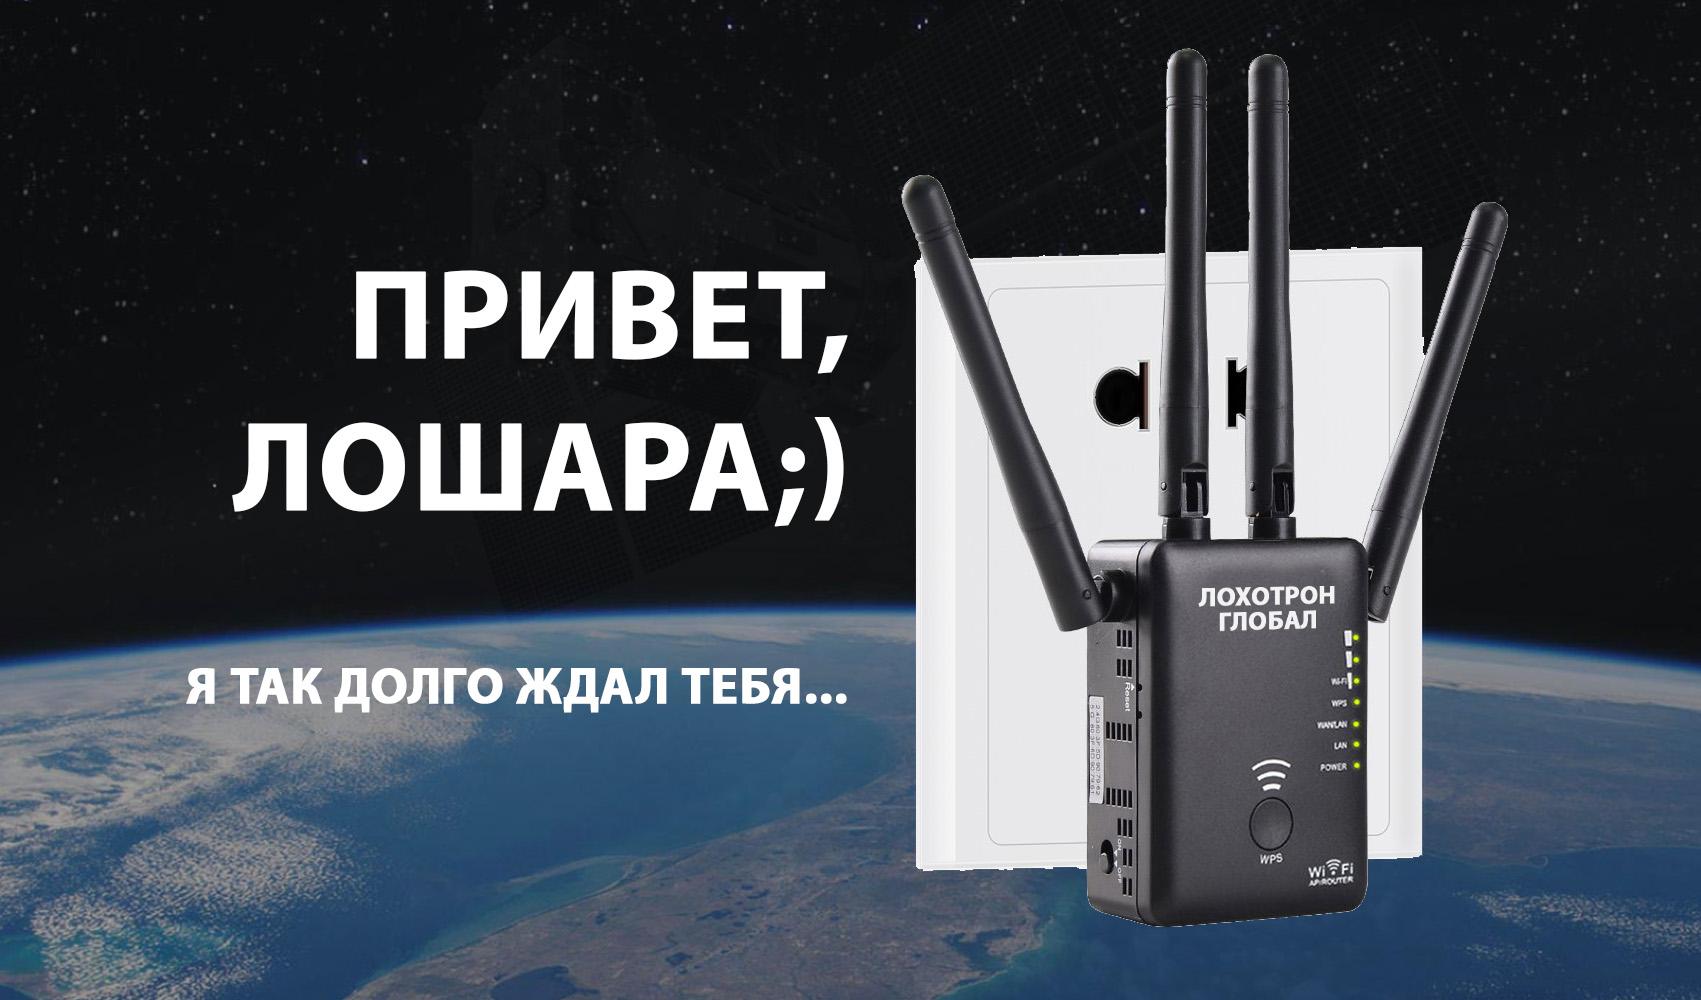 skyway global спутниковый интернет отзывы